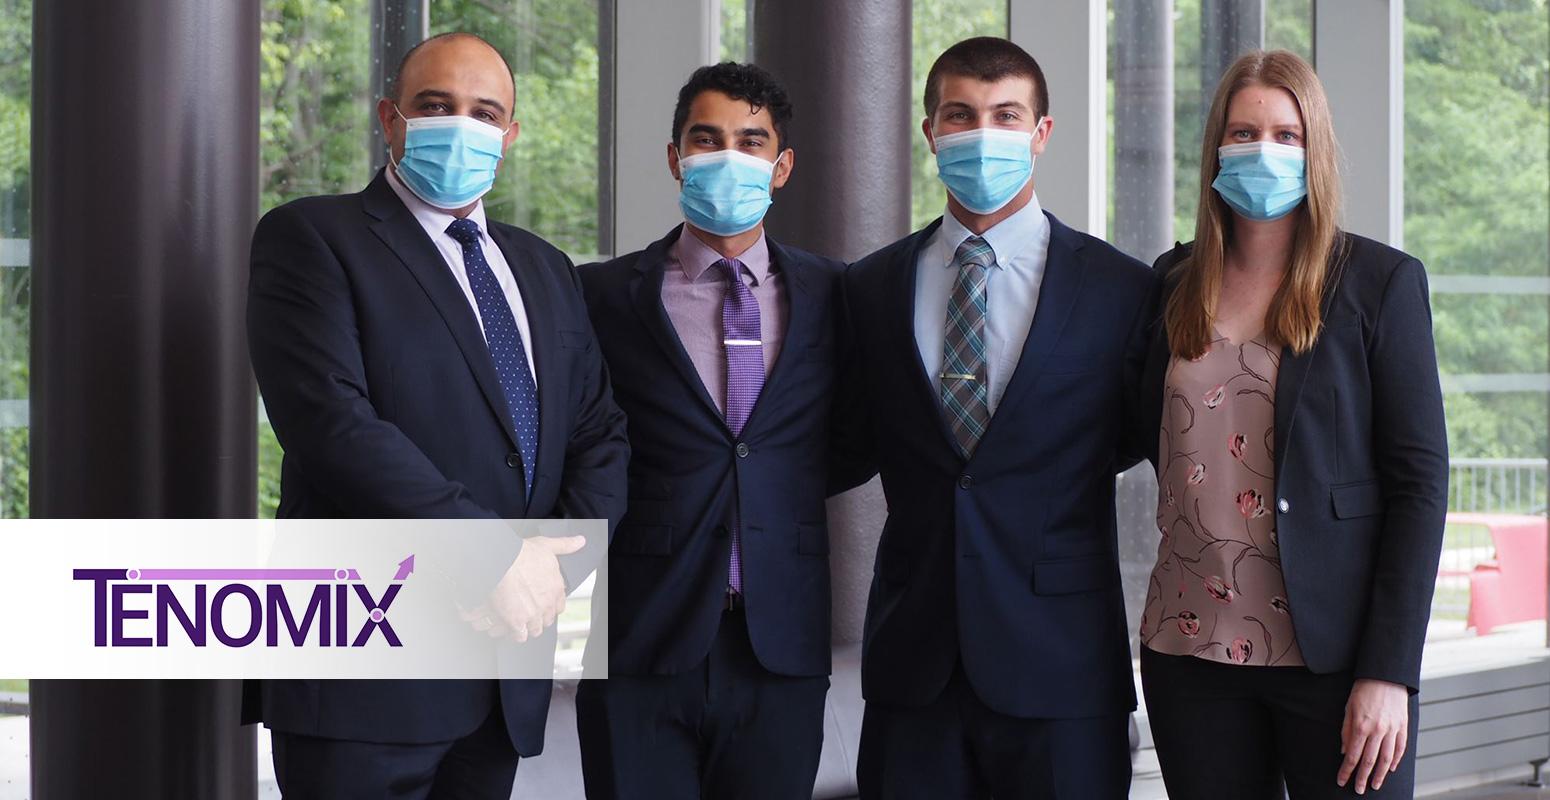 Tenomix Team Photo